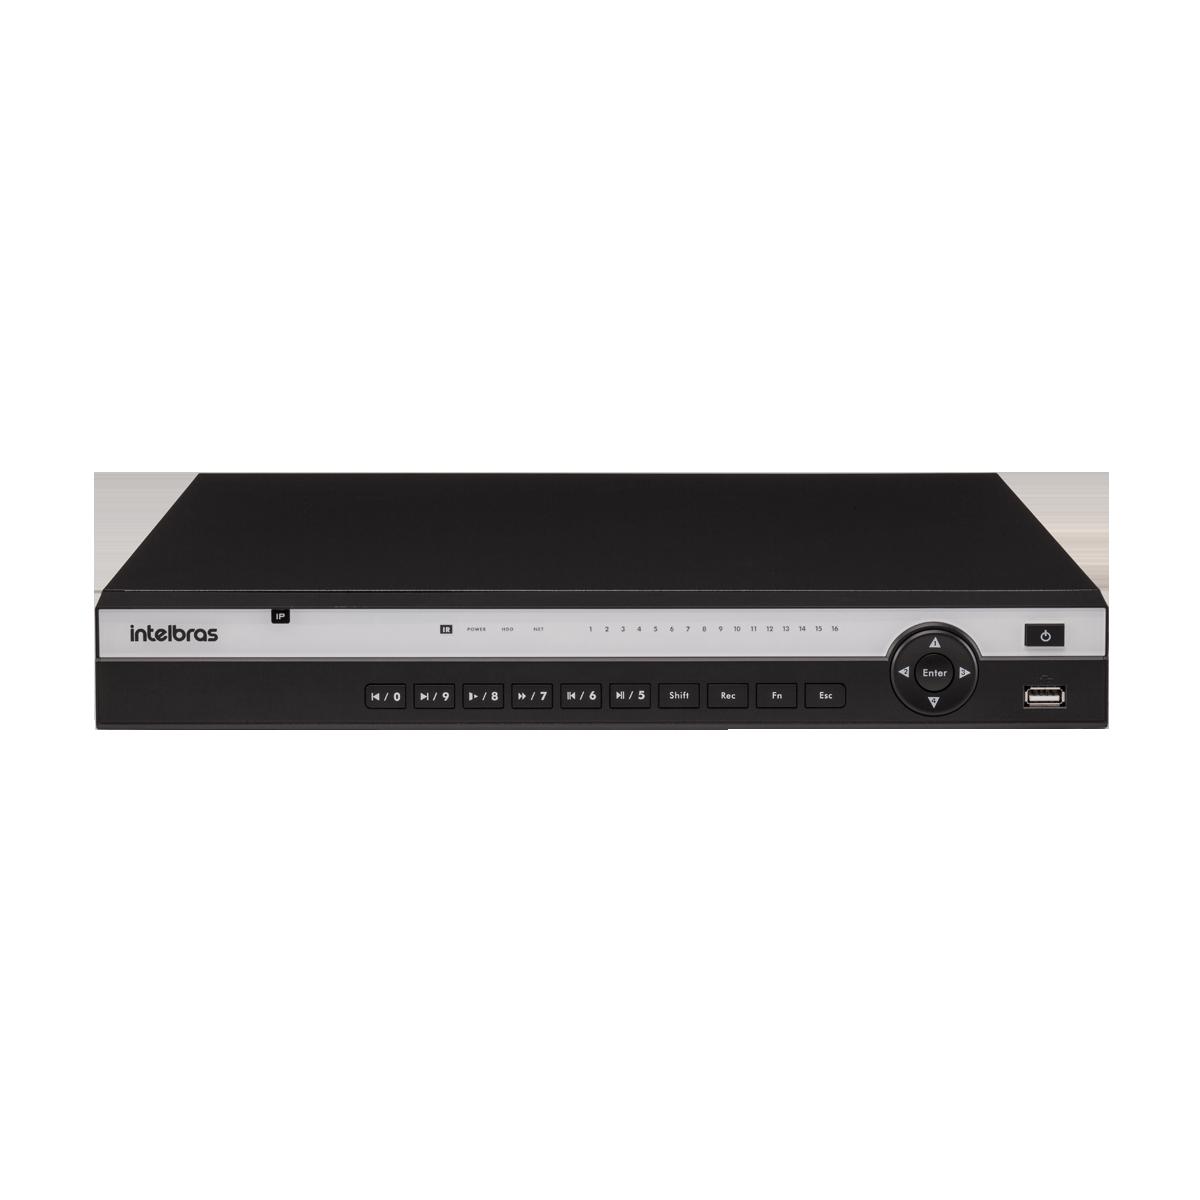 NVD 3208 P C/ HD 4TB - GRAV. DIG. DE VÍDEO EM REDE PARA ATÉ 8 CANAIS IP EM FULL HD @ 30 FPS, 4K, H.265, POSSUI 8 PORTAS POE e CAPACIDADE DE ARMAZENAMENTO PARA 1 HD - PRODUÇÃO CUSTOMIZADA COM ENTREGA E  - Sandercomp Virtual